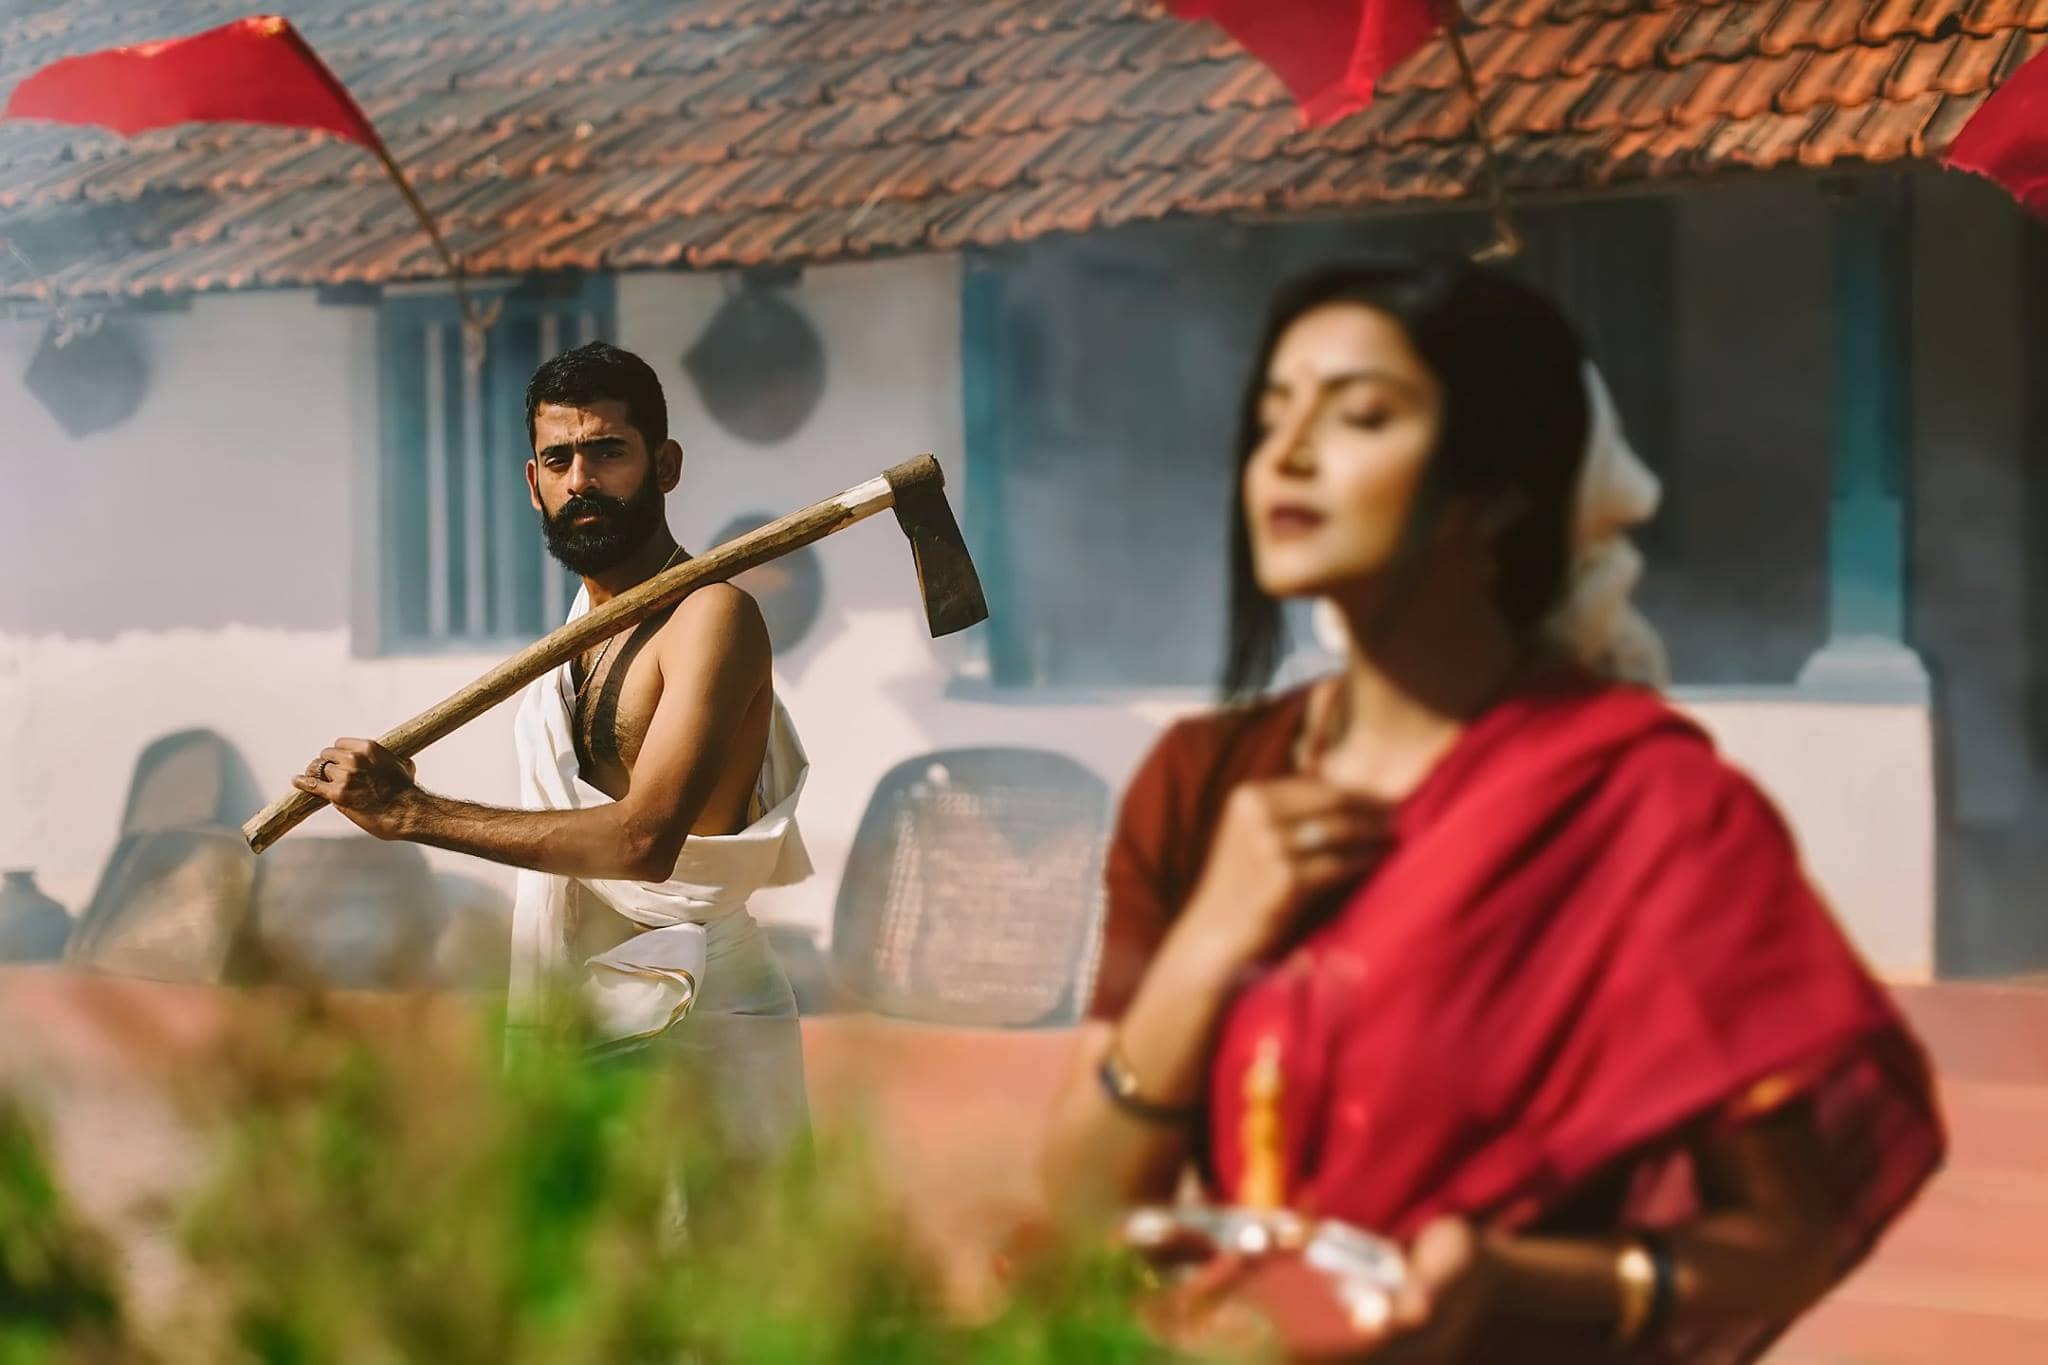 An-Award-winning-photo-story-Avani-By-Arjun-Kamath-12